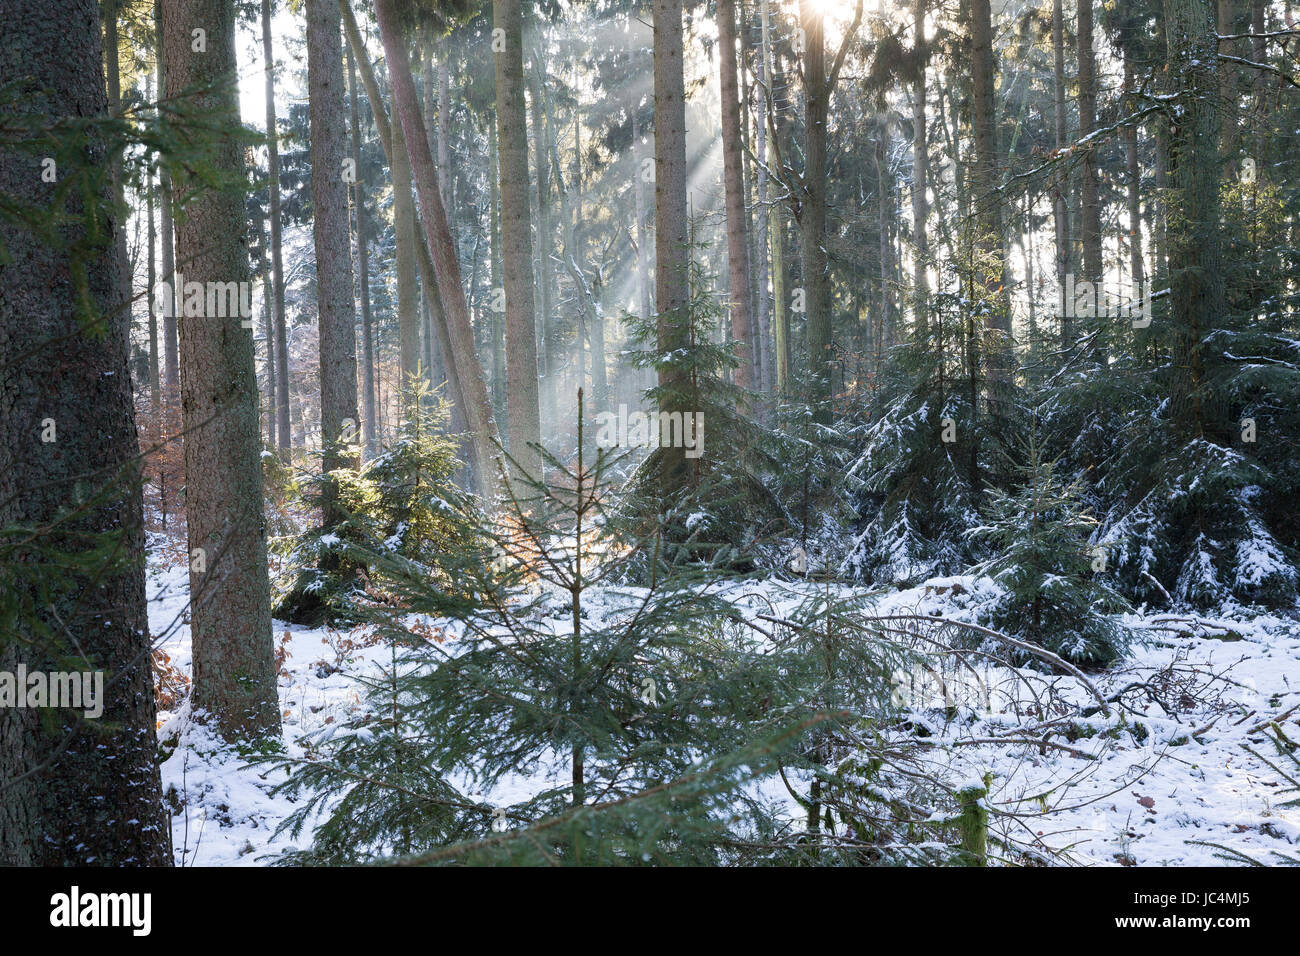 Winterwald, Fichtenwald, Nadelwald, Mischwald im Winter, Gewöhnliche Fichte, Rot-Fichte, Rotfichte, Picea abies, Stock Photo